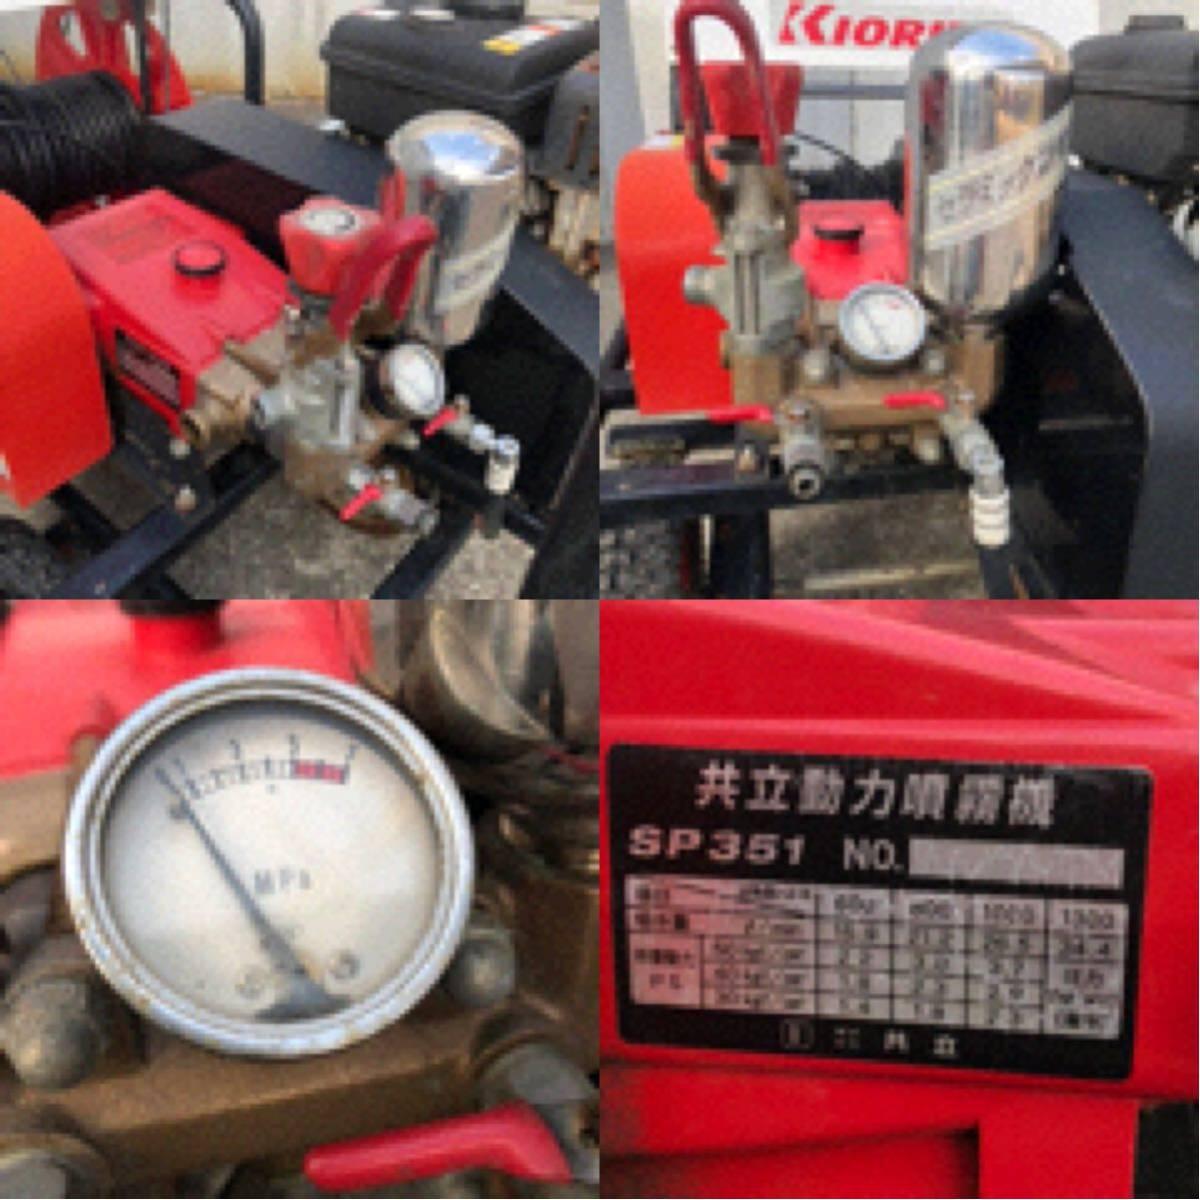 ☆実動☆ 共立 ドライブキャリー動噴 VSC351 KIORITZ 自動巻取り 消毒 高圧洗浄機 噴霧器 動噴_画像6